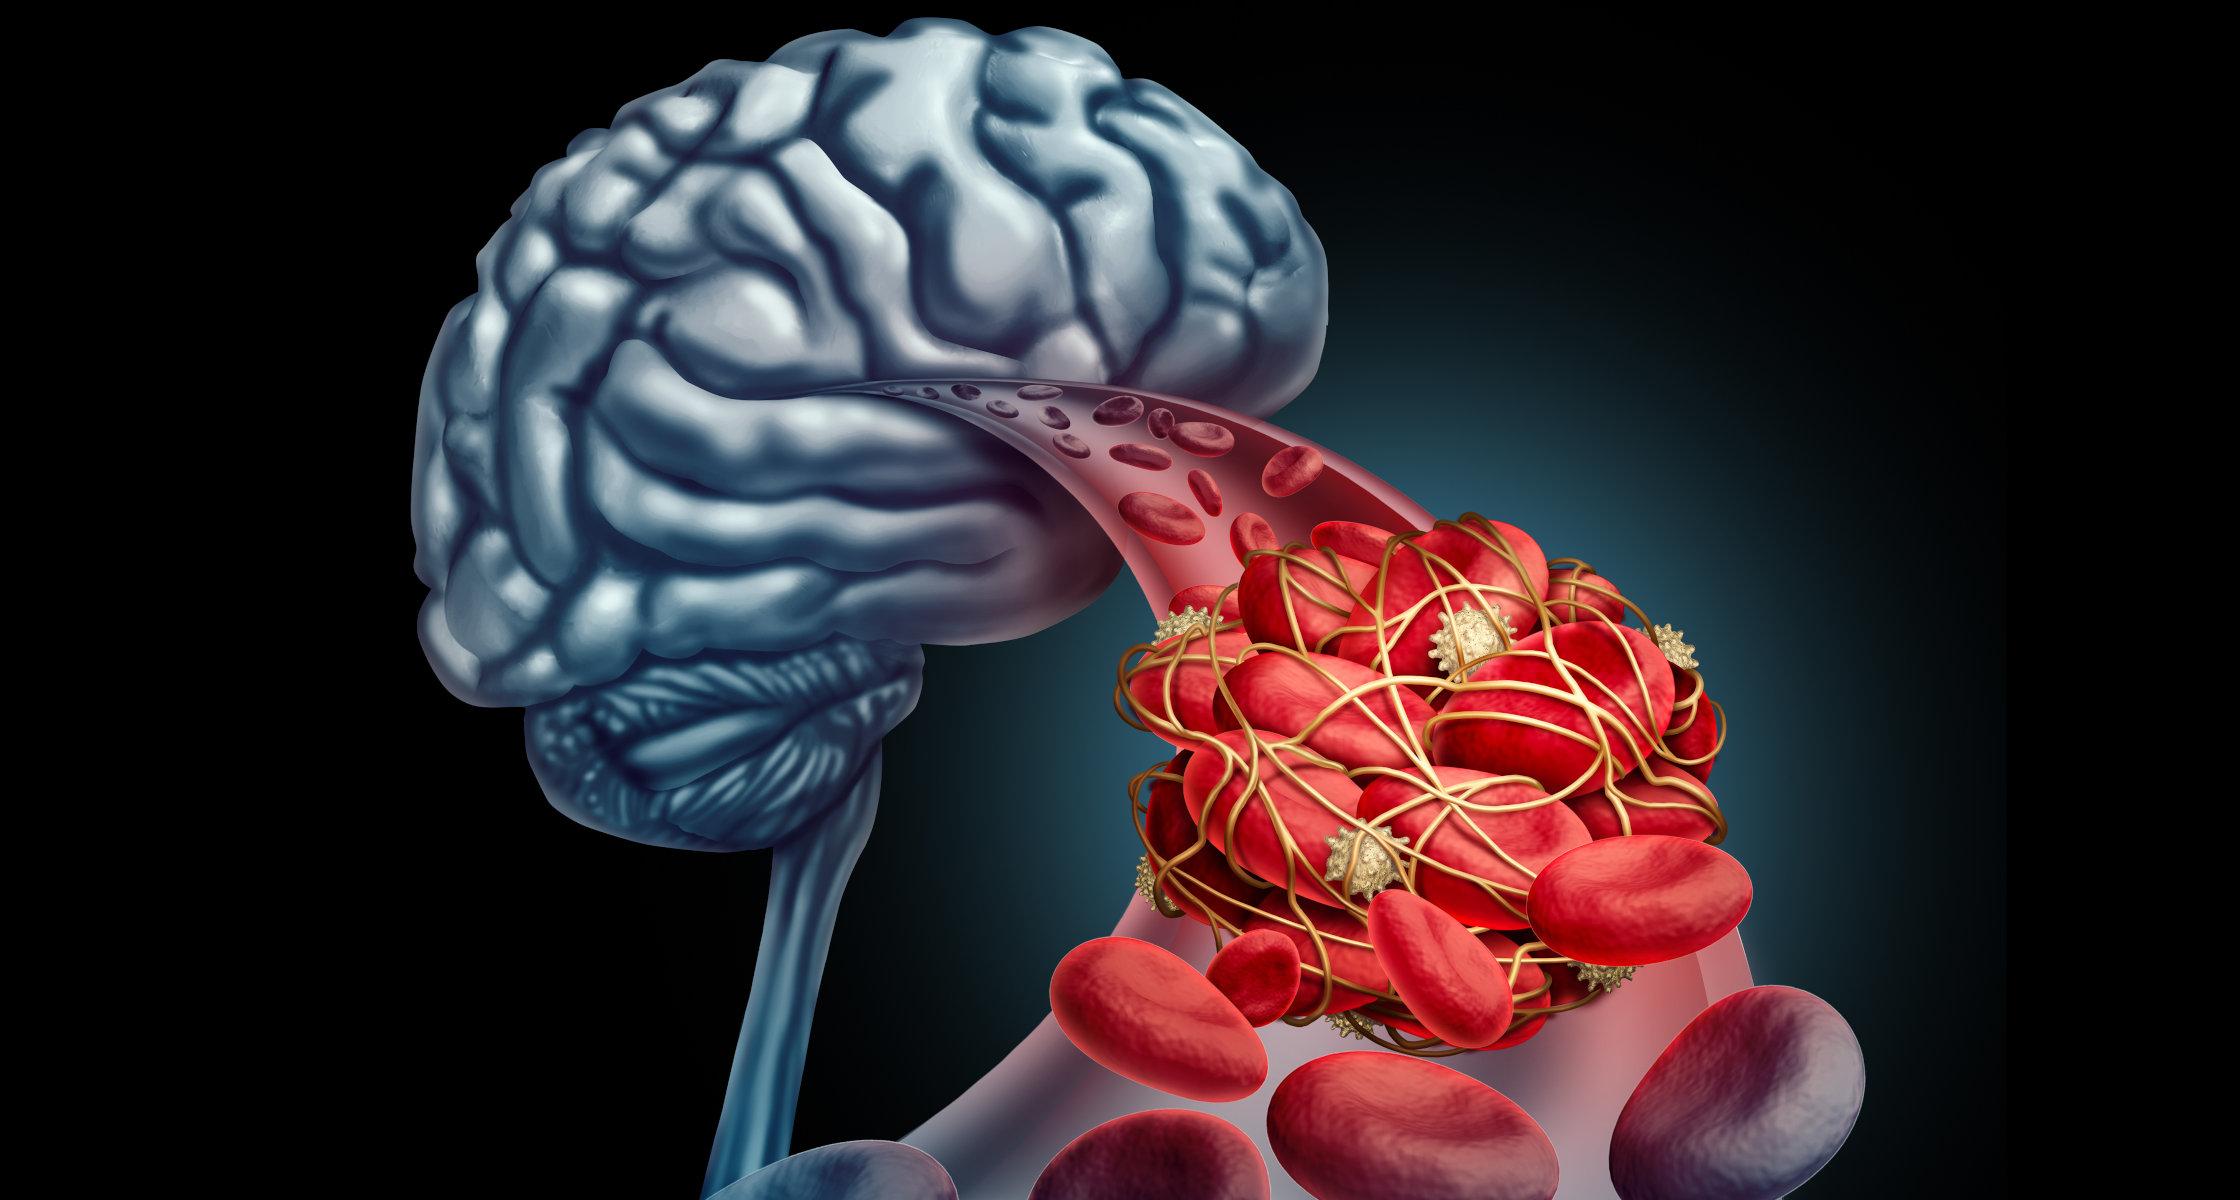 Schlaganfall Subarachnoidalblutungen Werden Weltweit Seltener